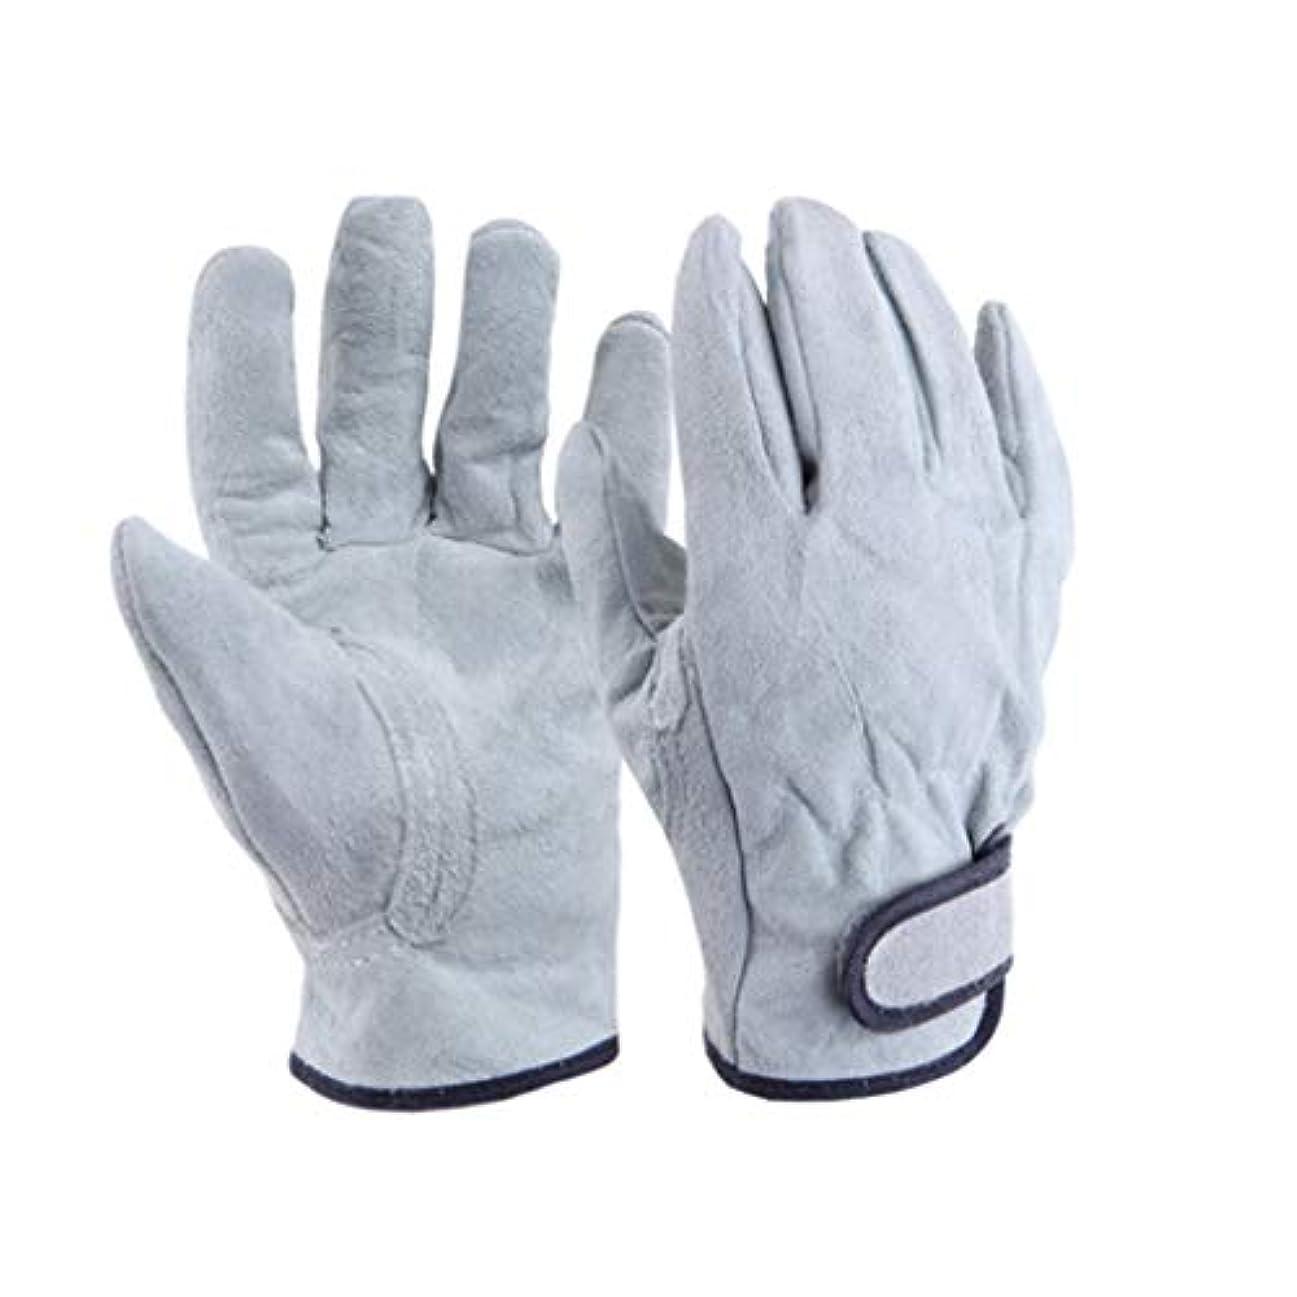 険しい最高スイング溶接手袋、ショートレザー耐摩耗断熱アンチピアスシックニング(グレー)